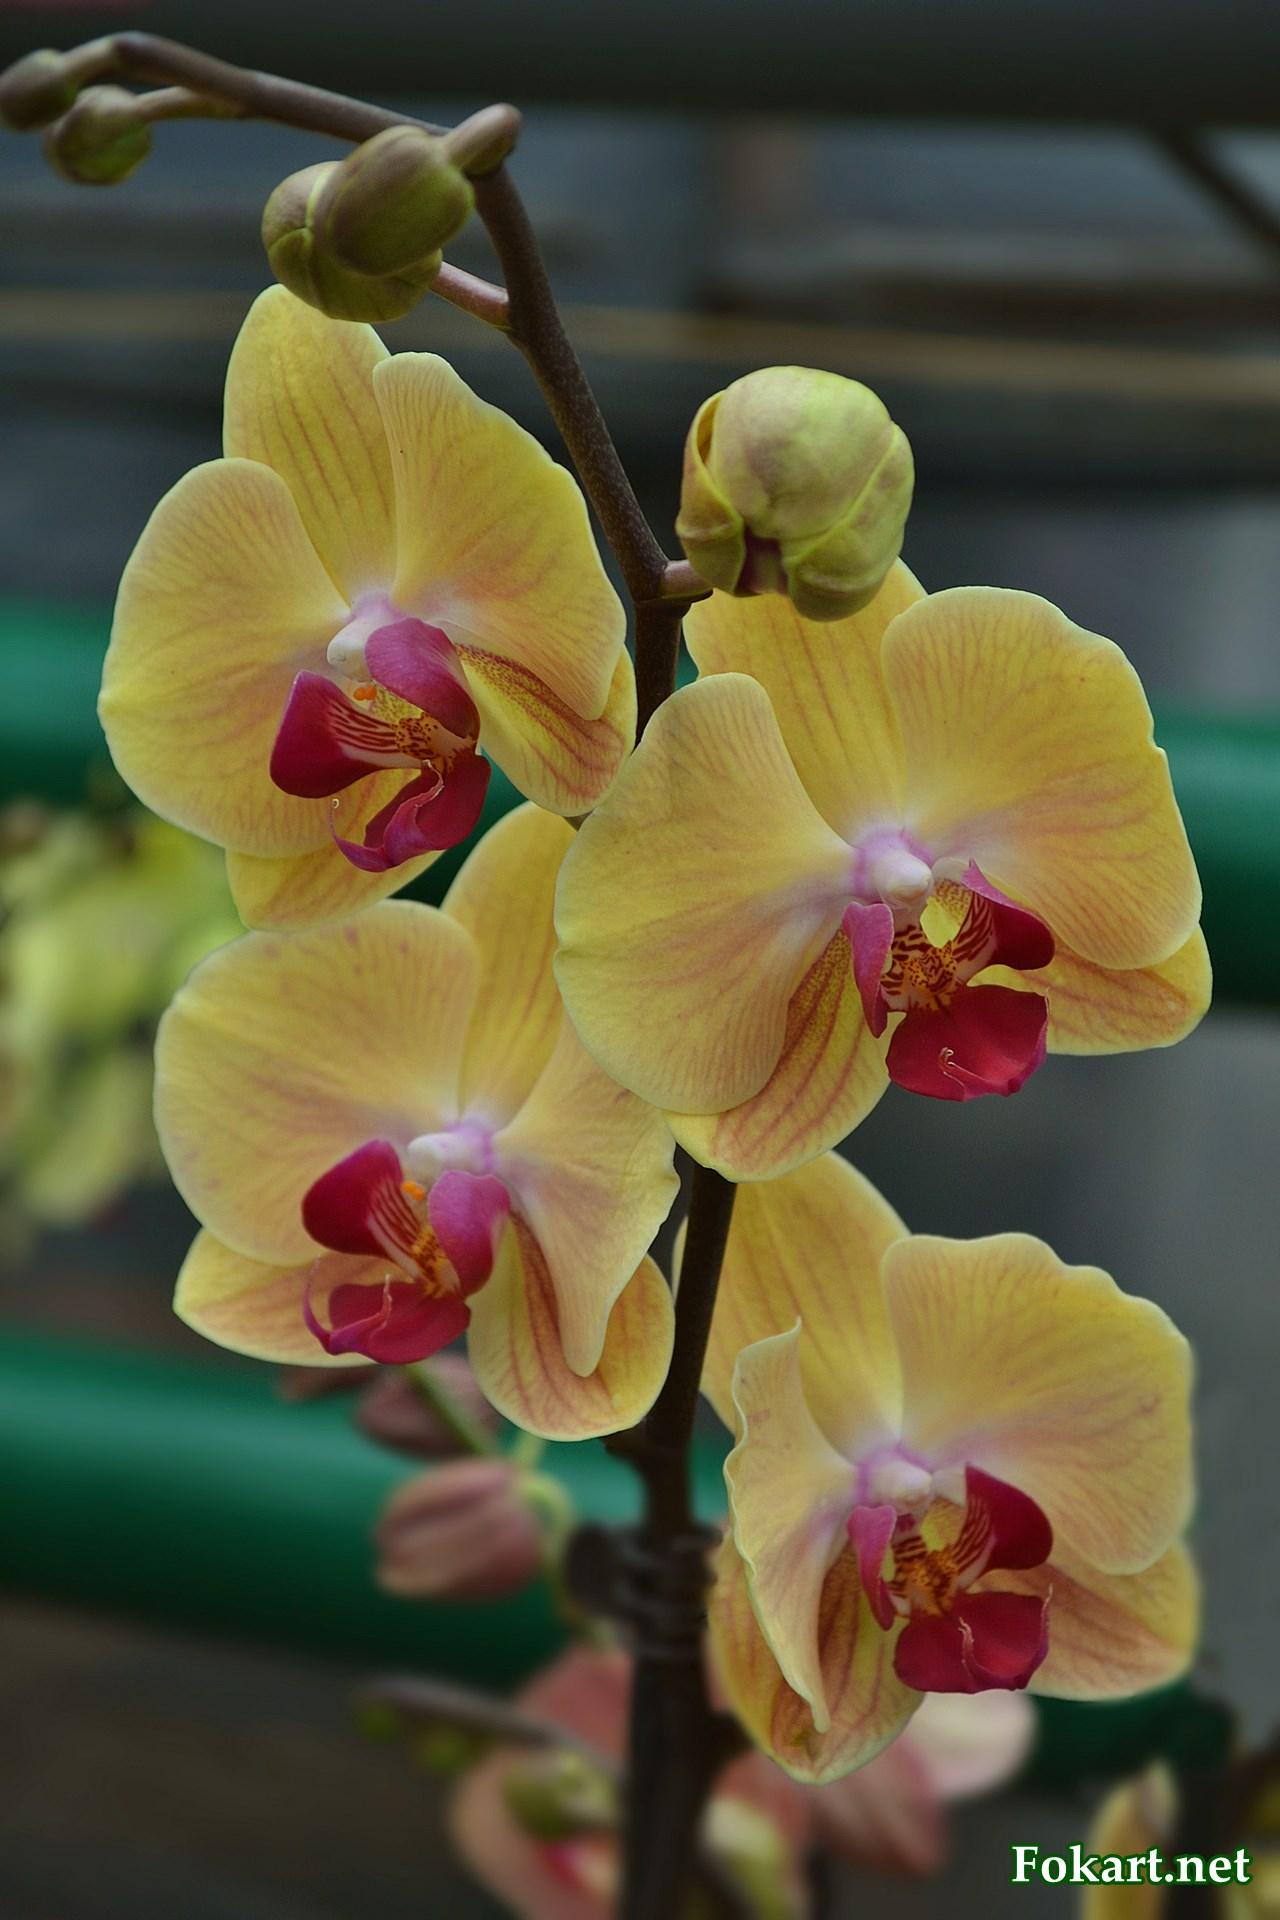 Жёлтые цветки орхидеи с красноватыми полосочками и красной серединкой